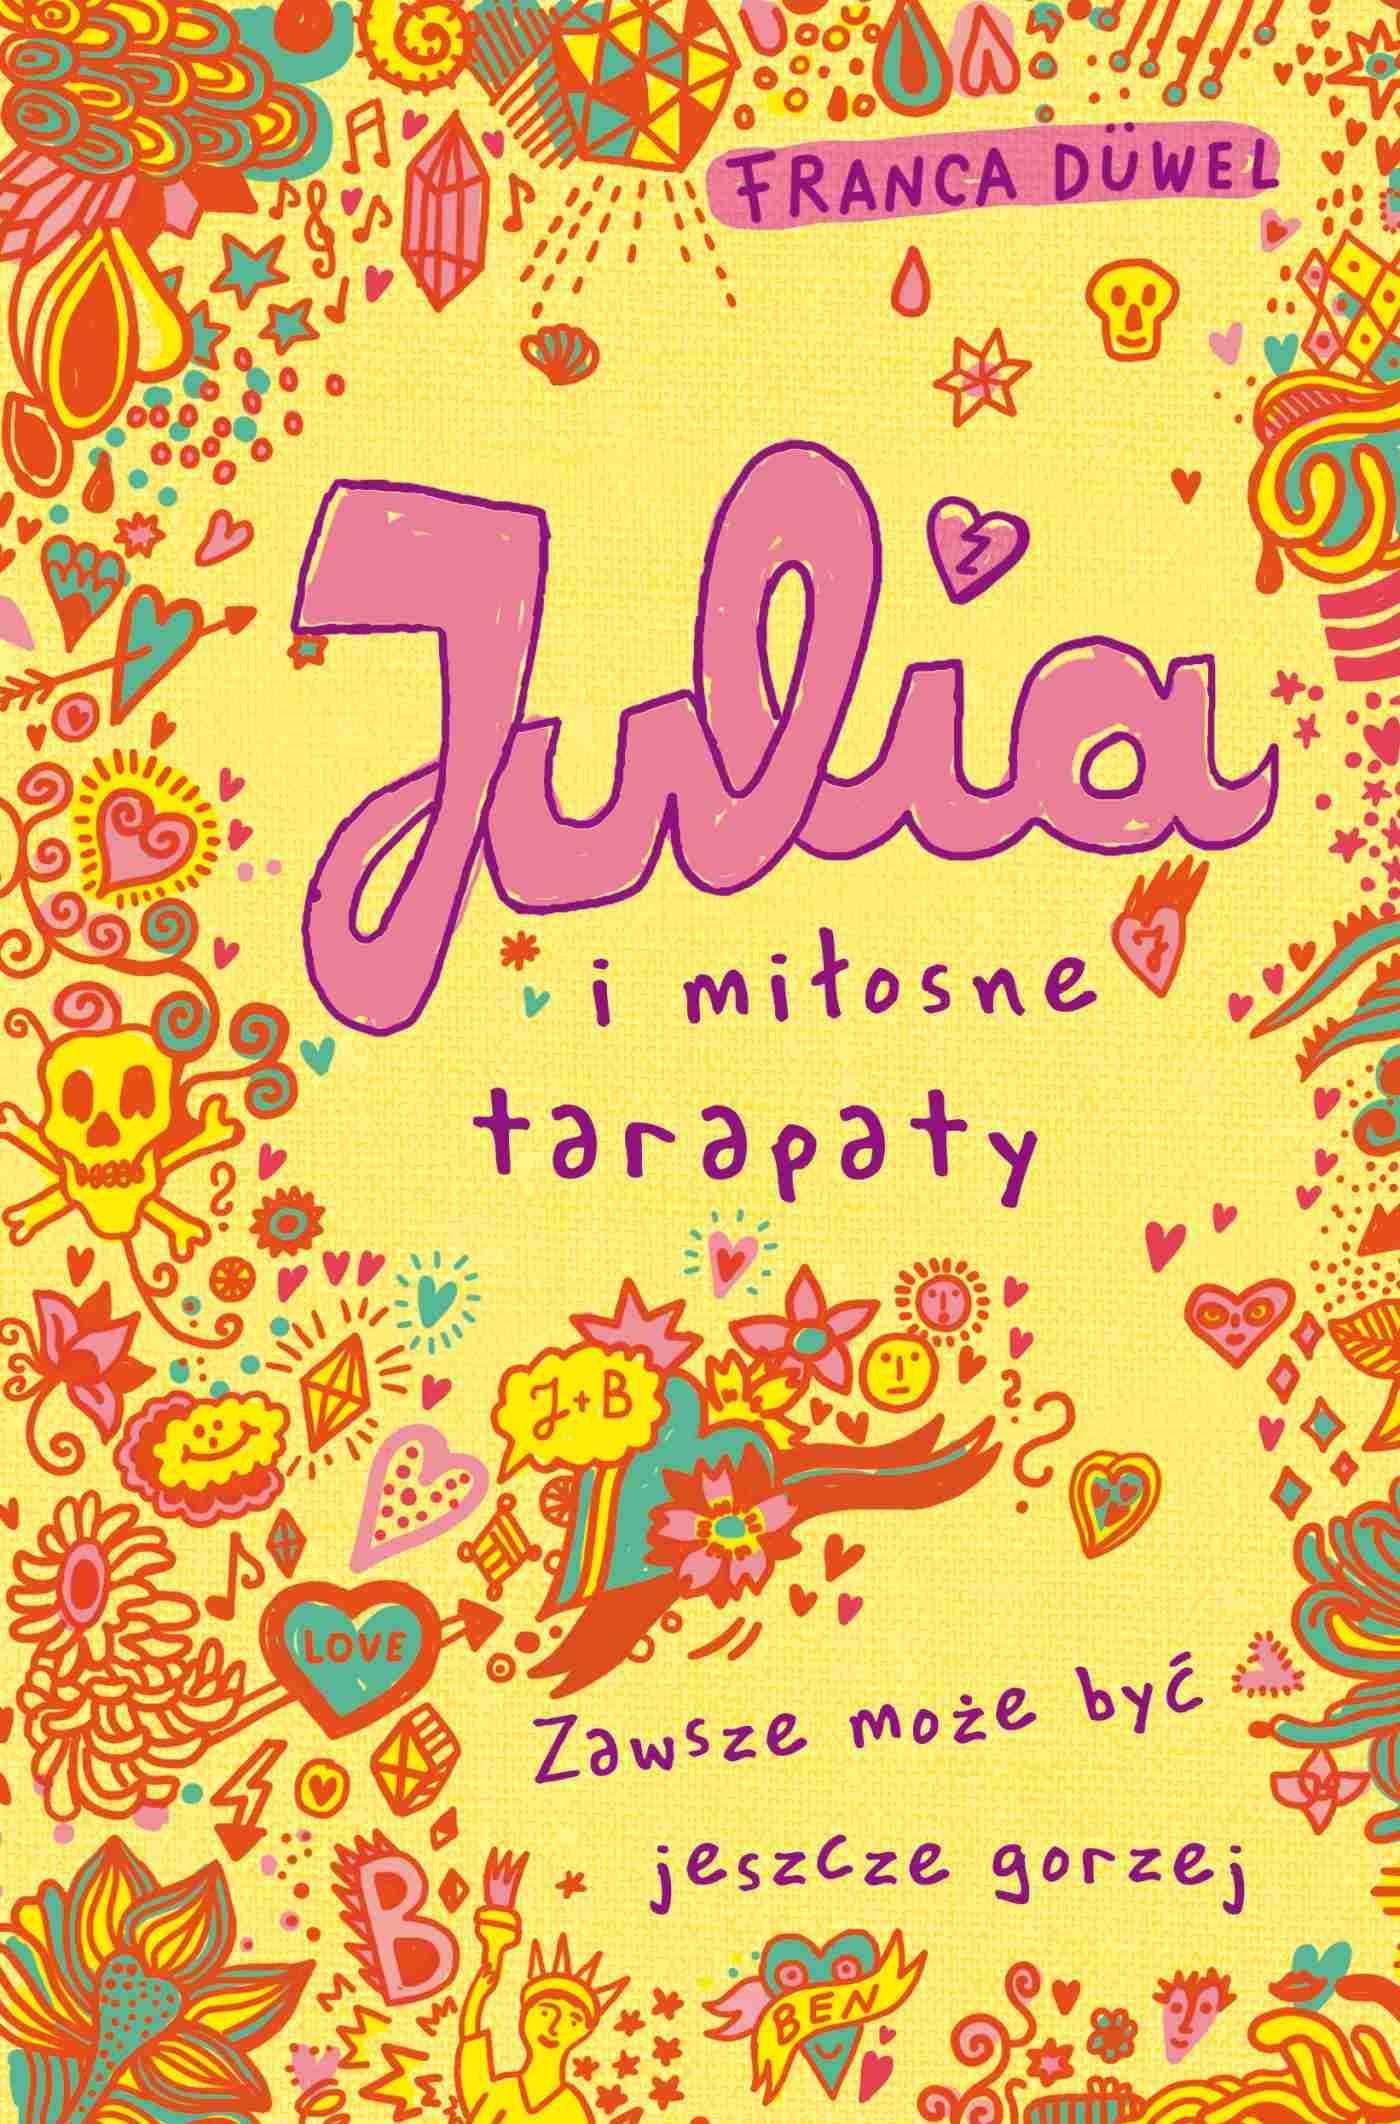 Julia i miłosne tarapaty - Ebook (Książka EPUB) do pobrania w formacie EPUB